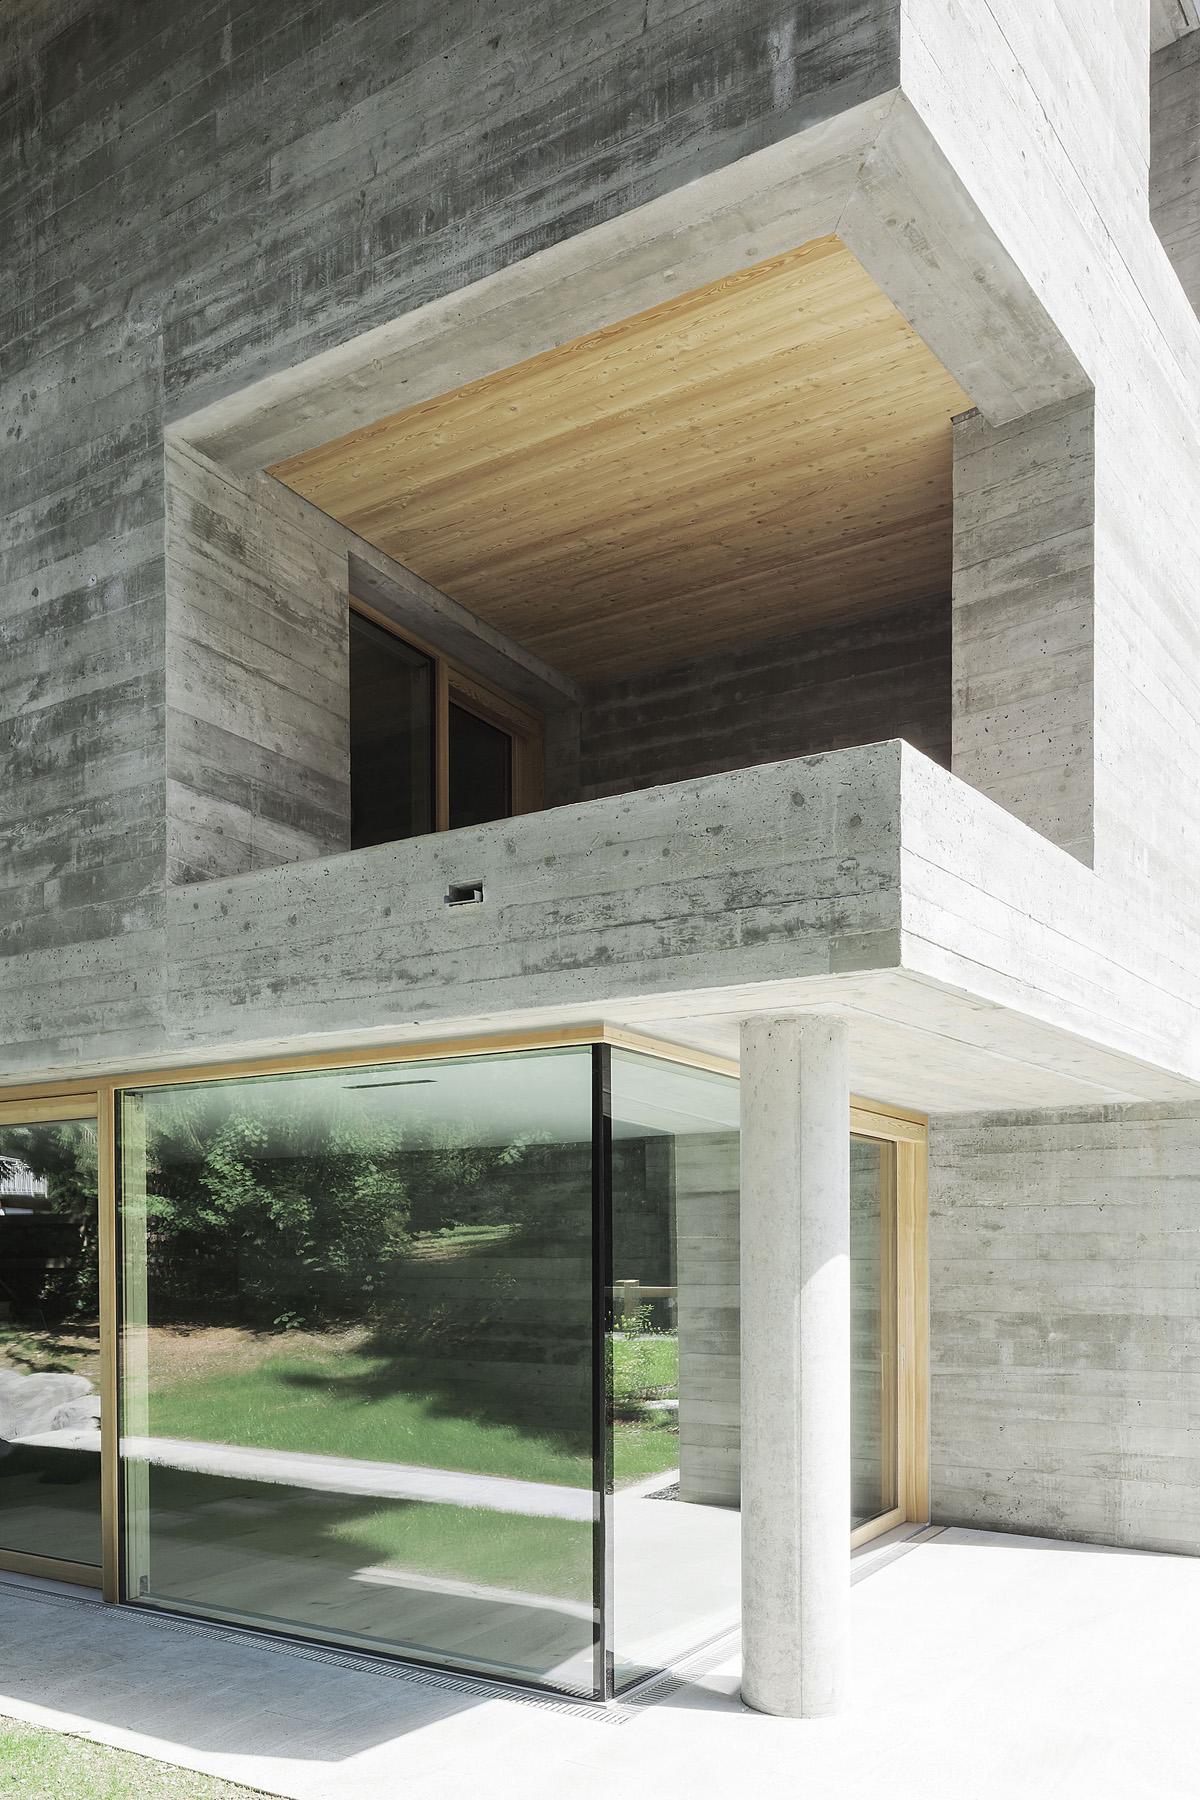 Architektur Atelier kunz architektur mit atelier strut gt casa da ping hic arquitectura